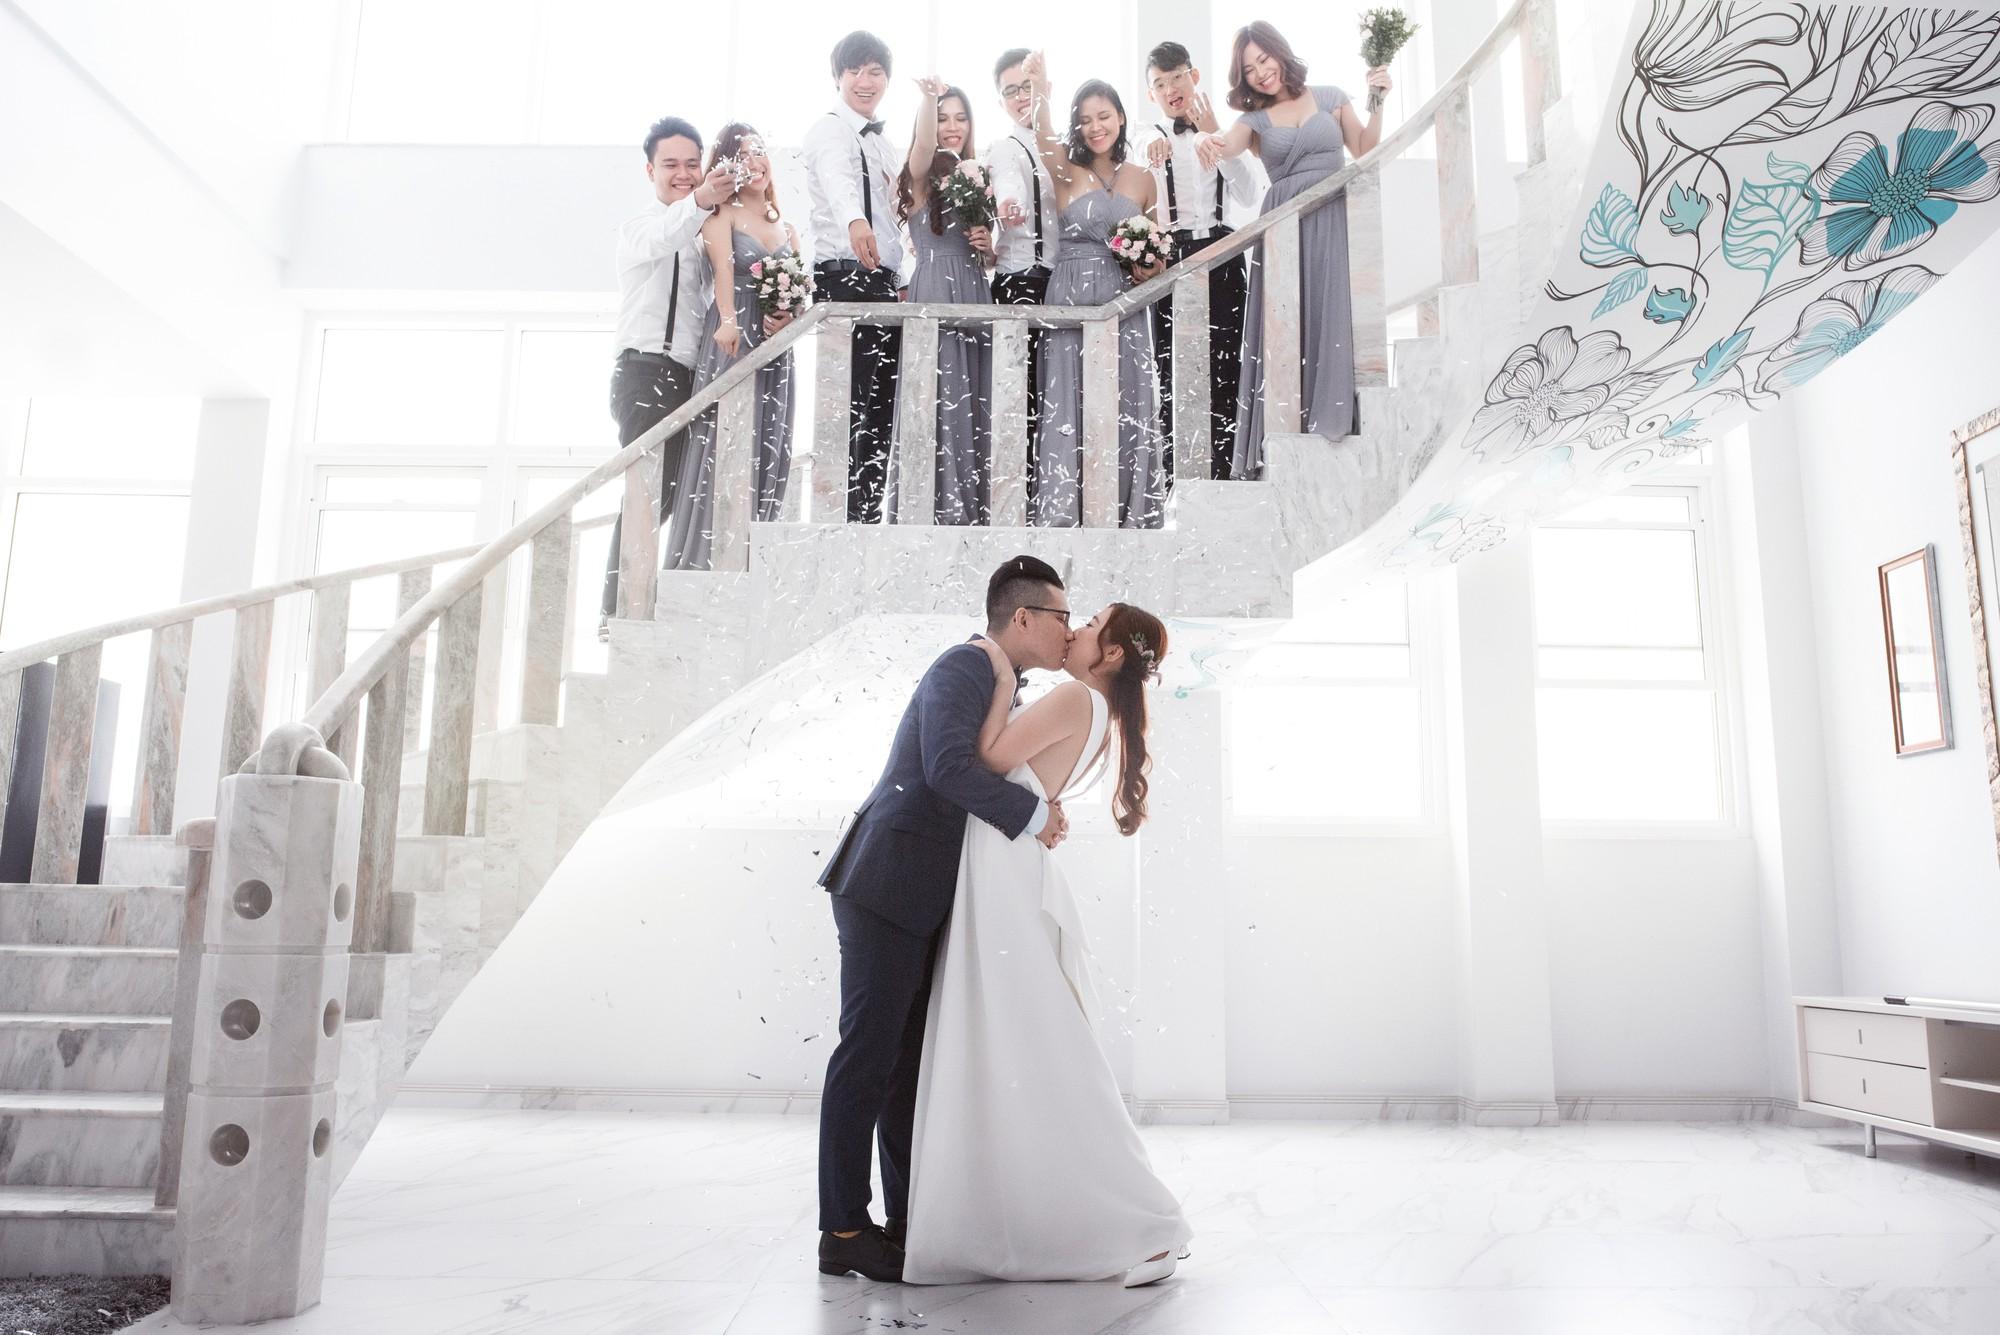 Em gái Trấn Thành kết hôn với bạn trai Hồng Kông, tung bộ ảnh cưới nhắng nhít cùng hội bạn thân - Ảnh 7.